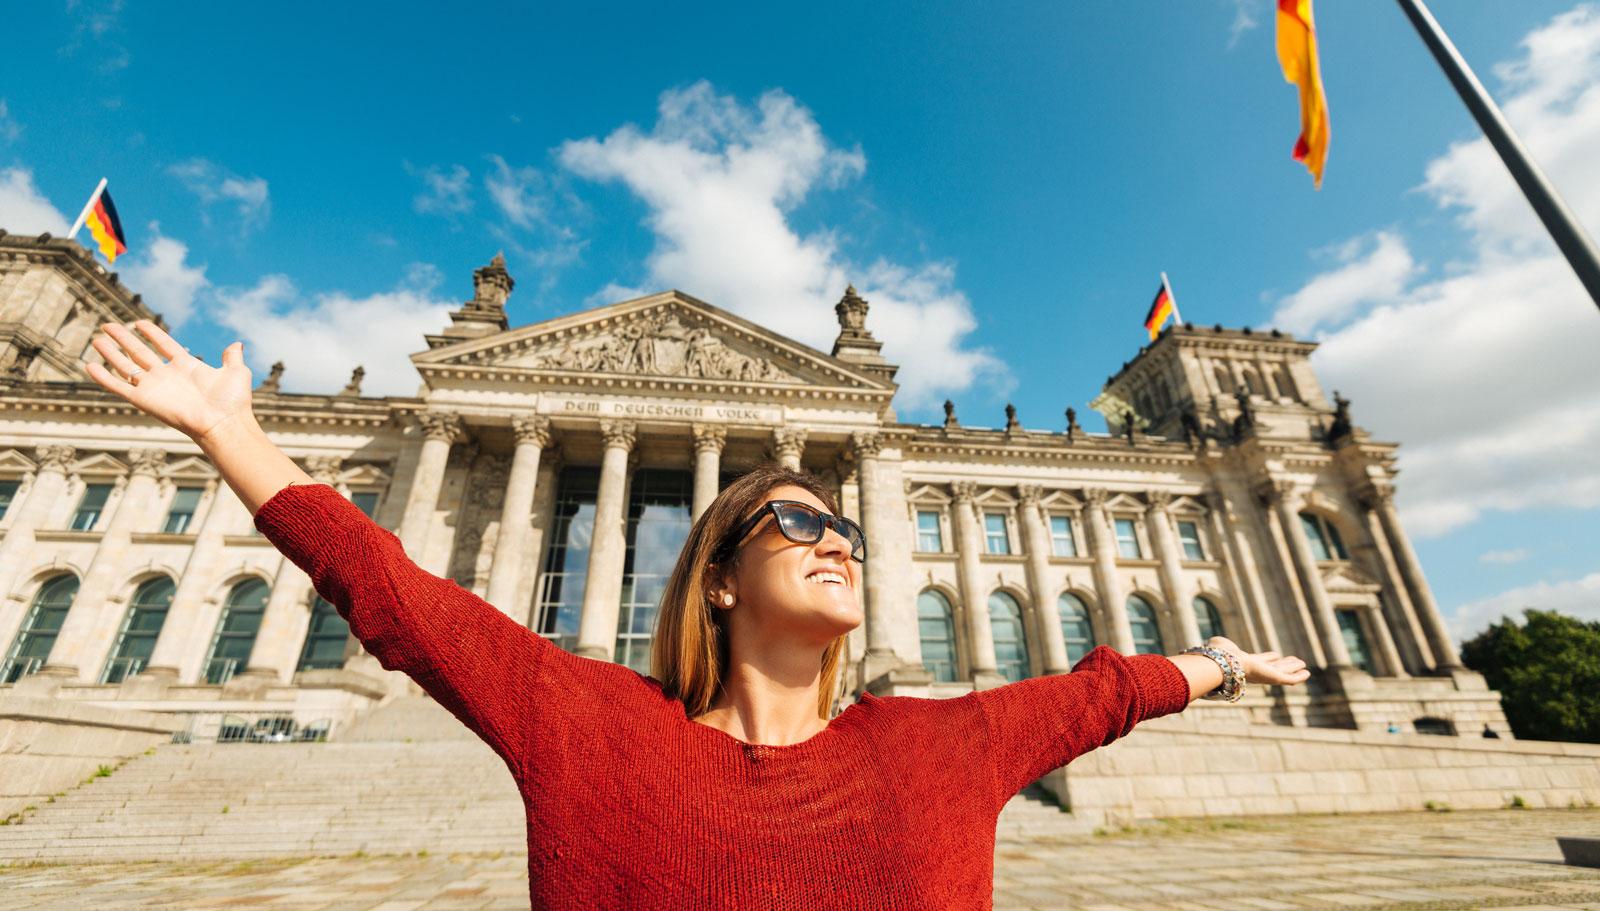 Voyage en europe : On vous emmène découvrir l'Allemagne